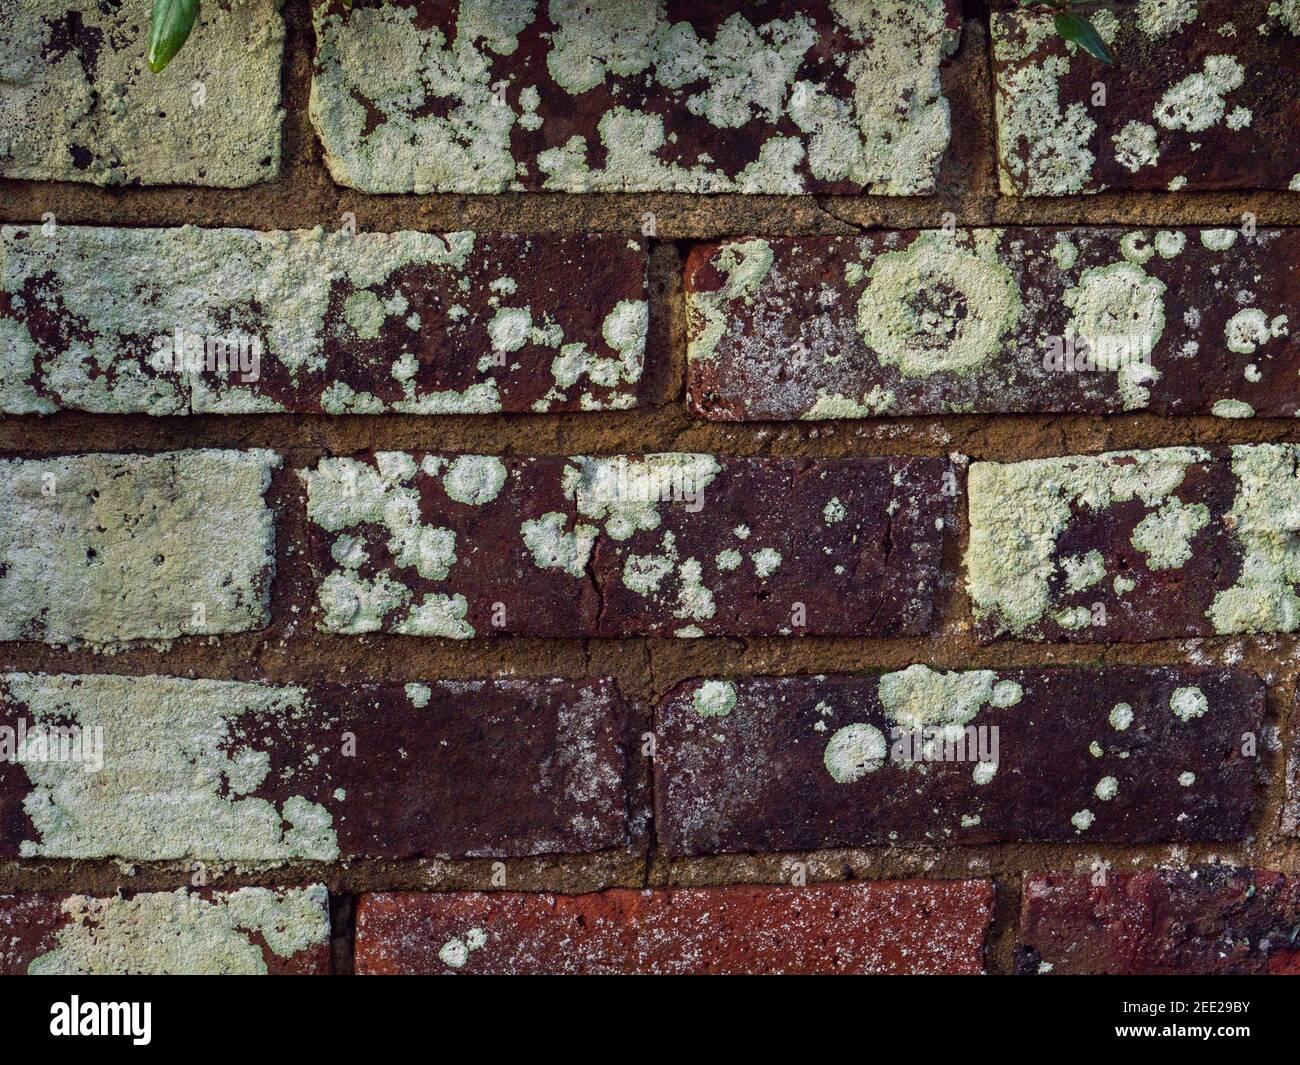 Lichen vio crecer en una pared de ladrillo vertical. Foto de stock